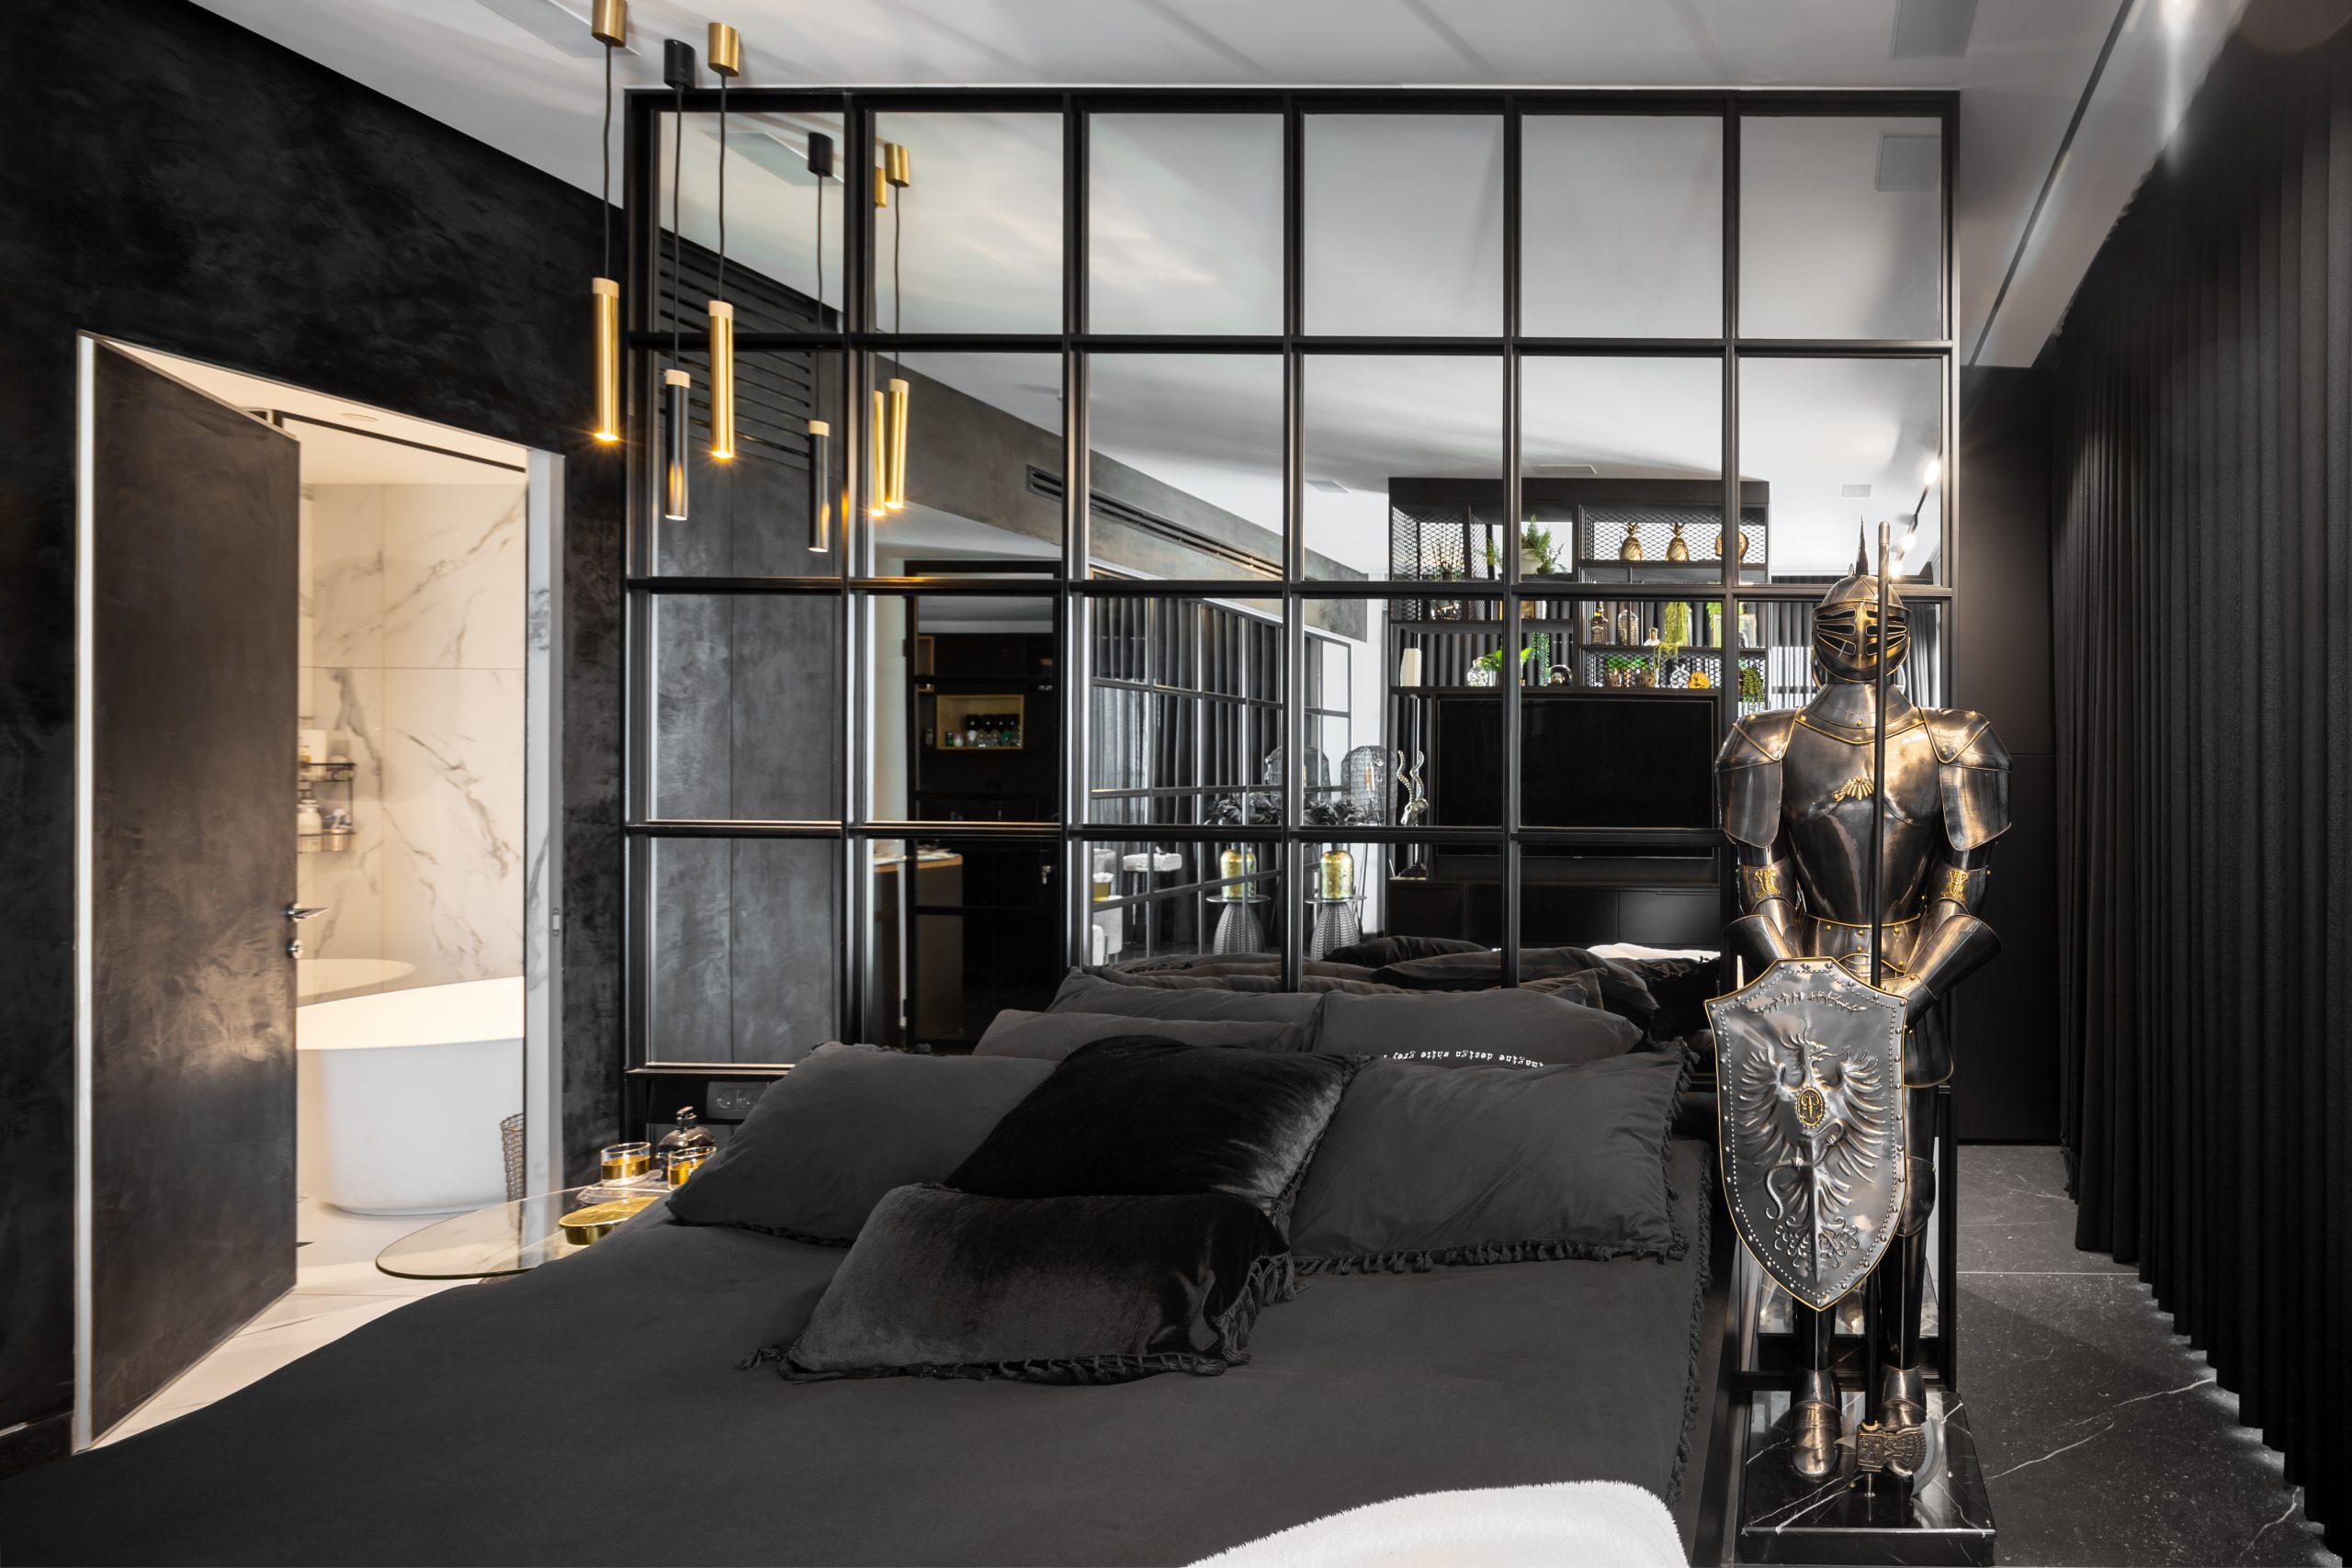 עיצוב מודרני וקלאסי עם תאורה יוקרתית מבית סיטי לייט תאורה